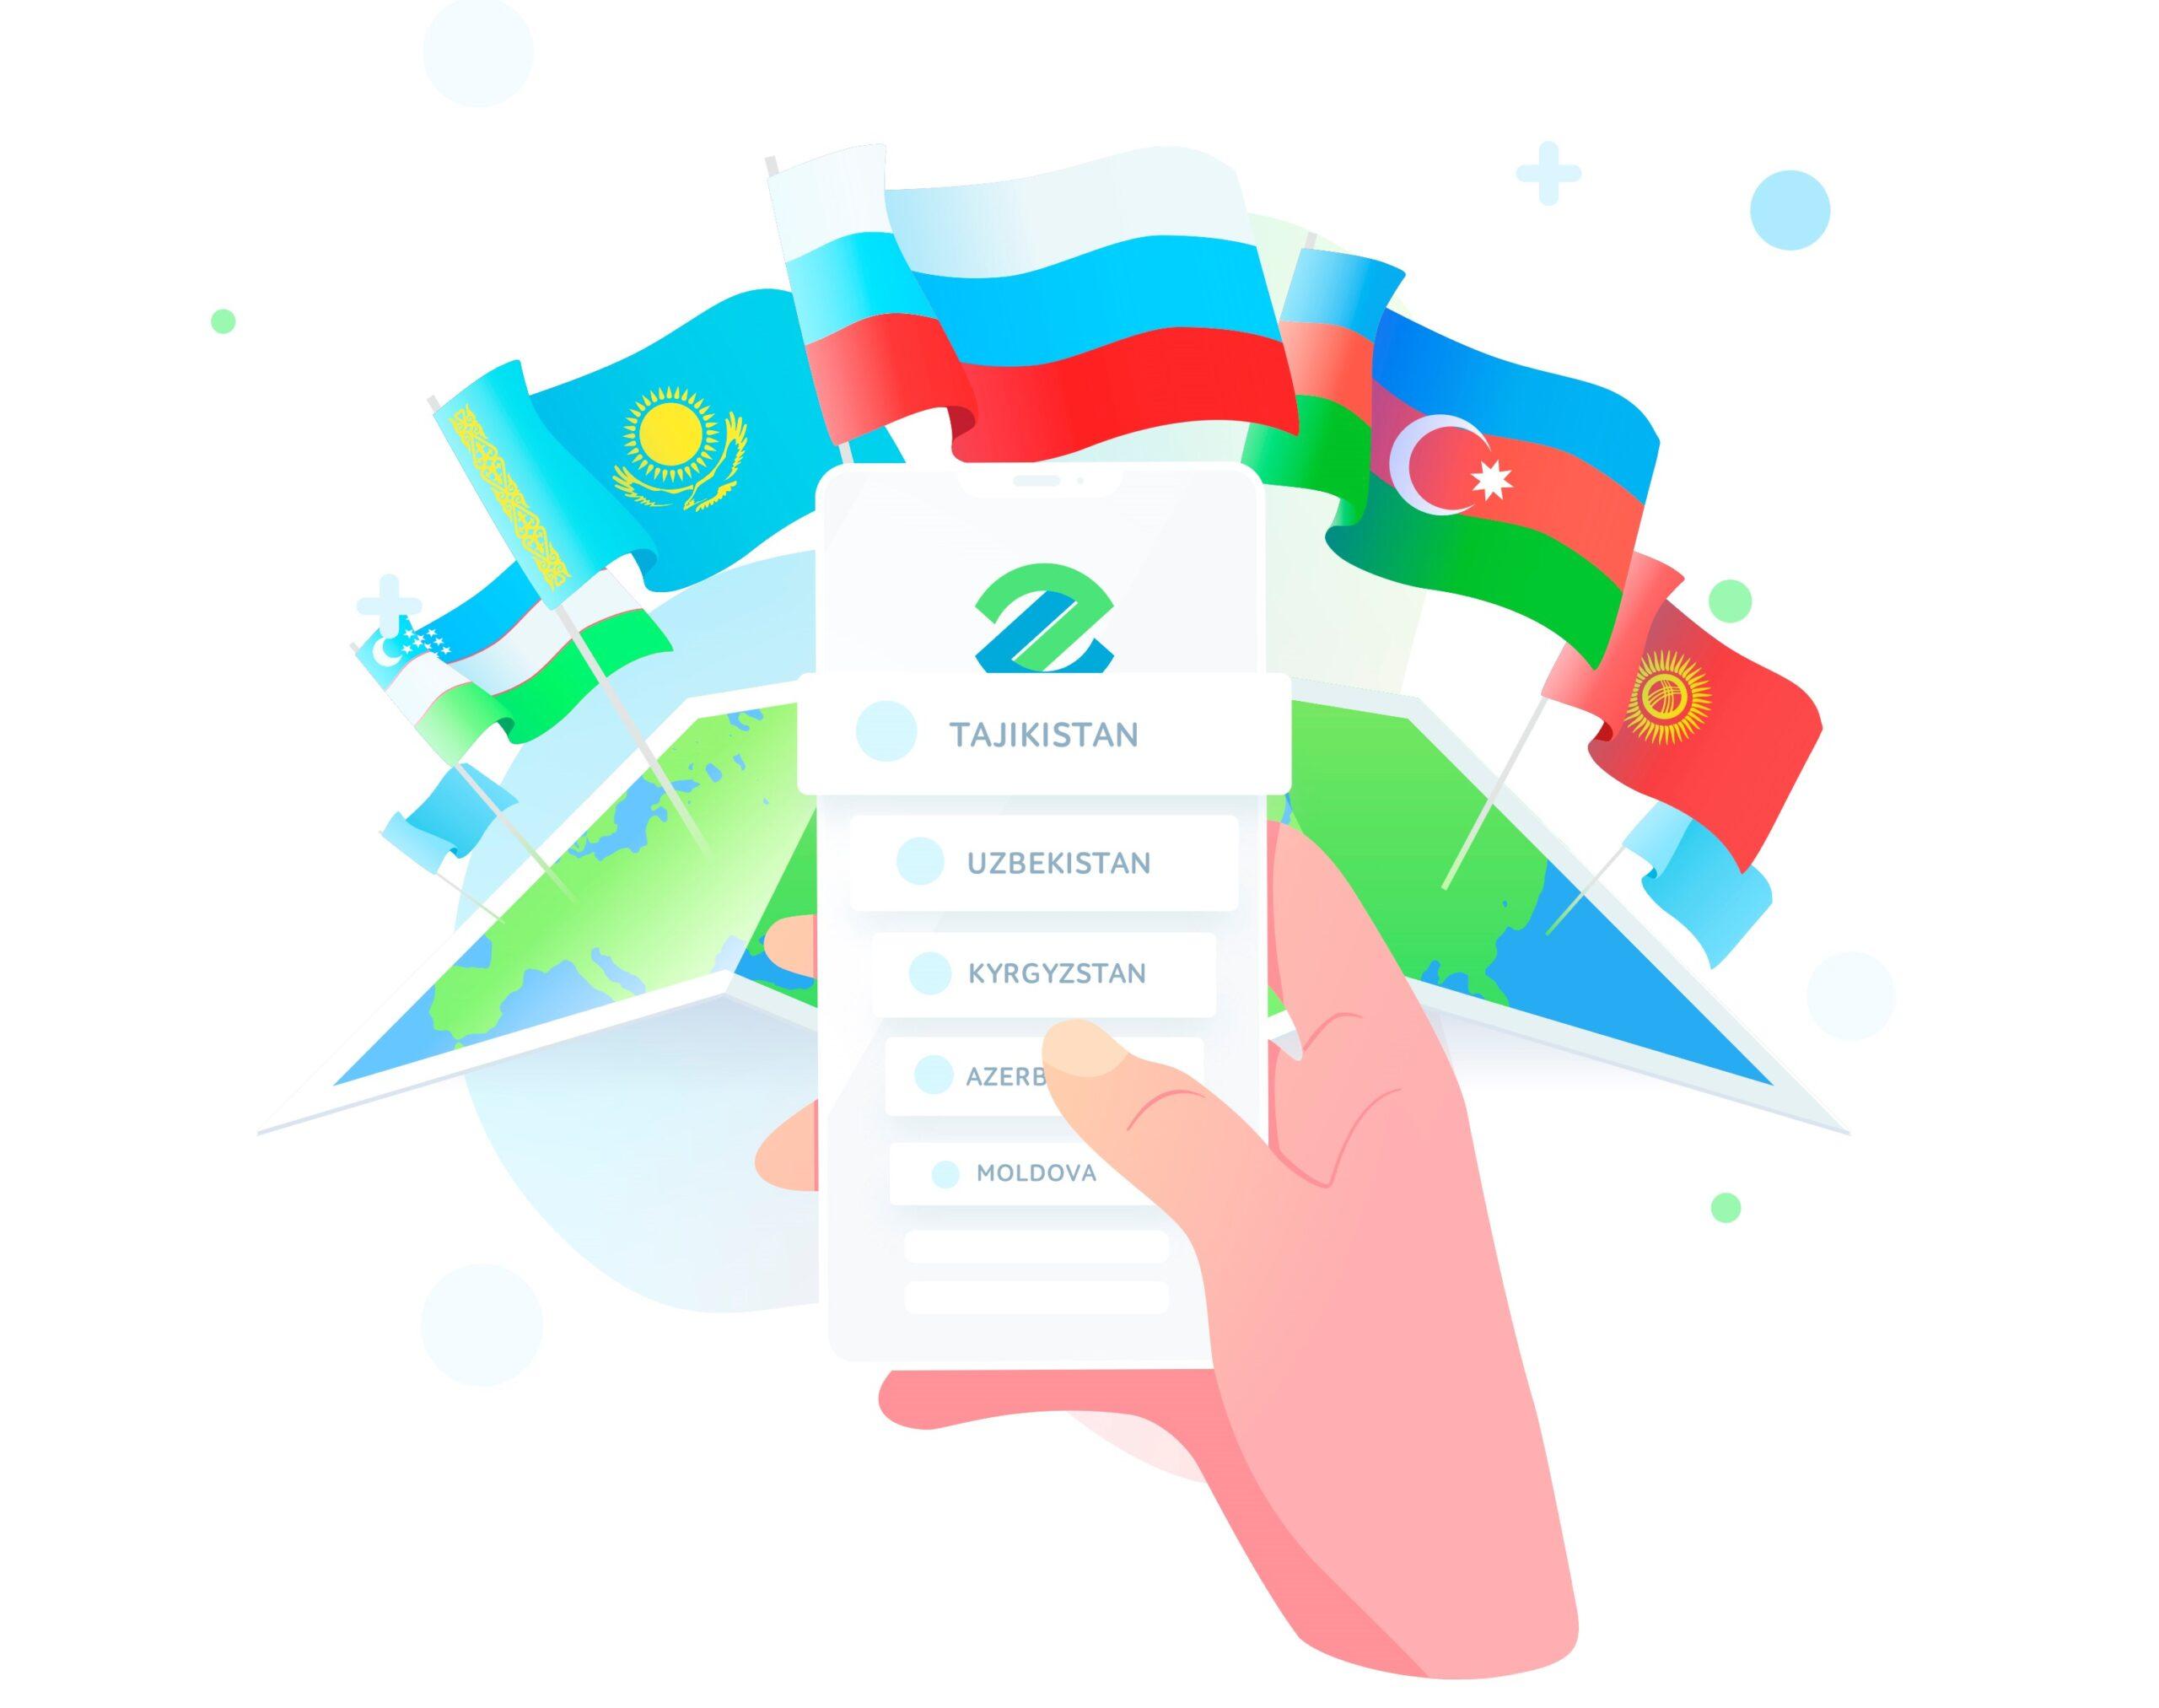 zam vc 1stmain scaled - Маркетинговая стратегия в новой реальности: как сделать популярной систему международных переводов?